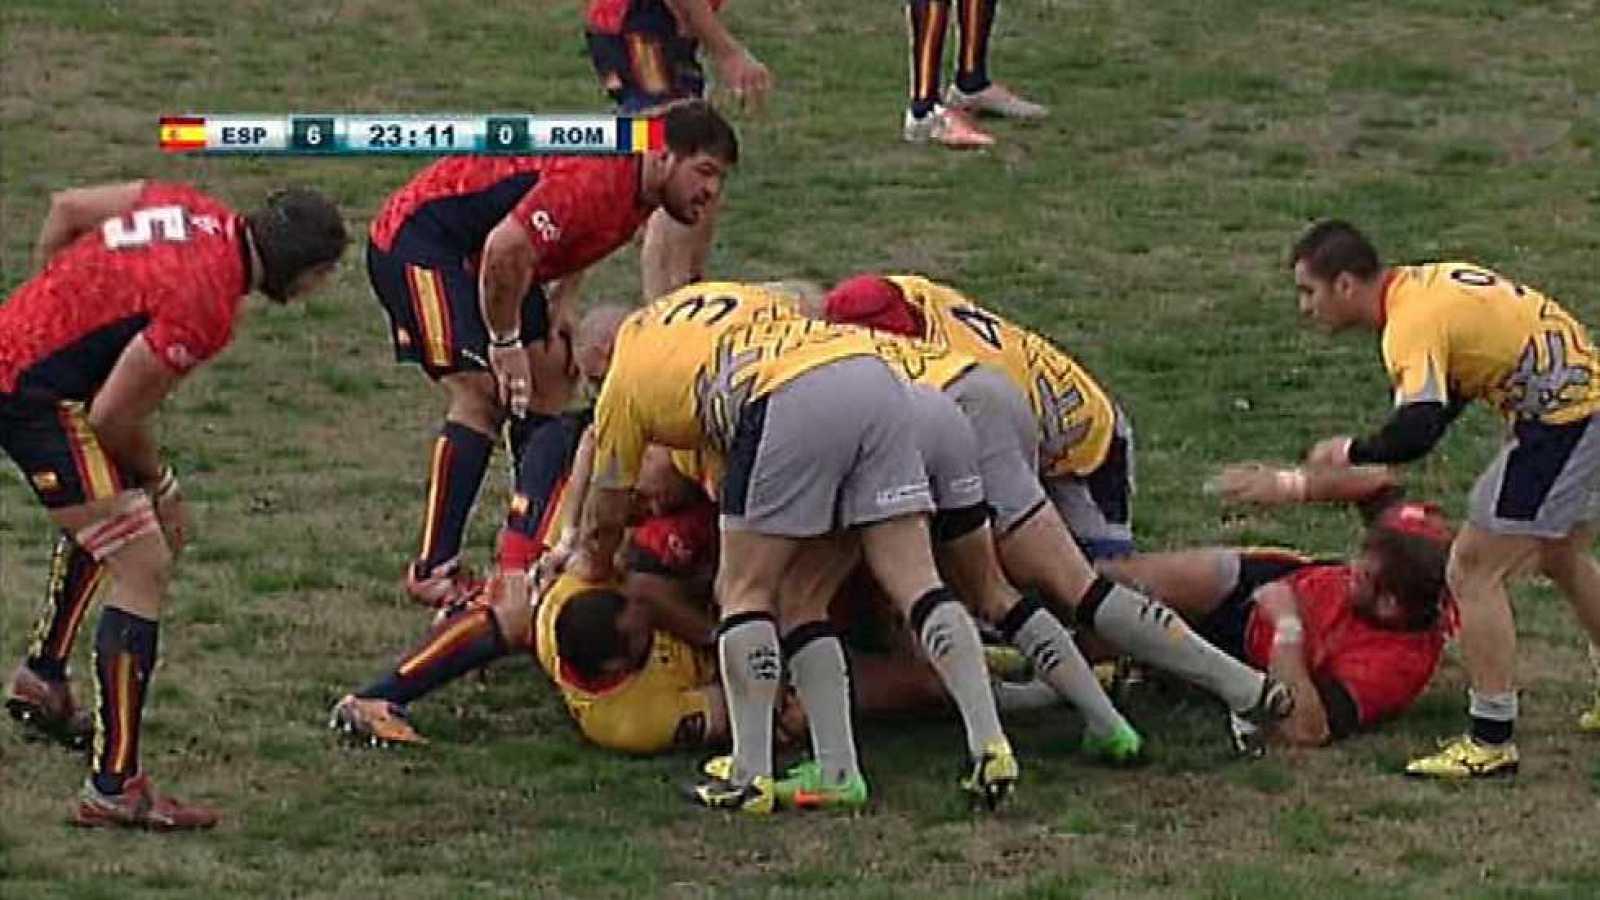 Rugby - Campeonato de Europa de Naciones: España - Rumanía - ver ahora